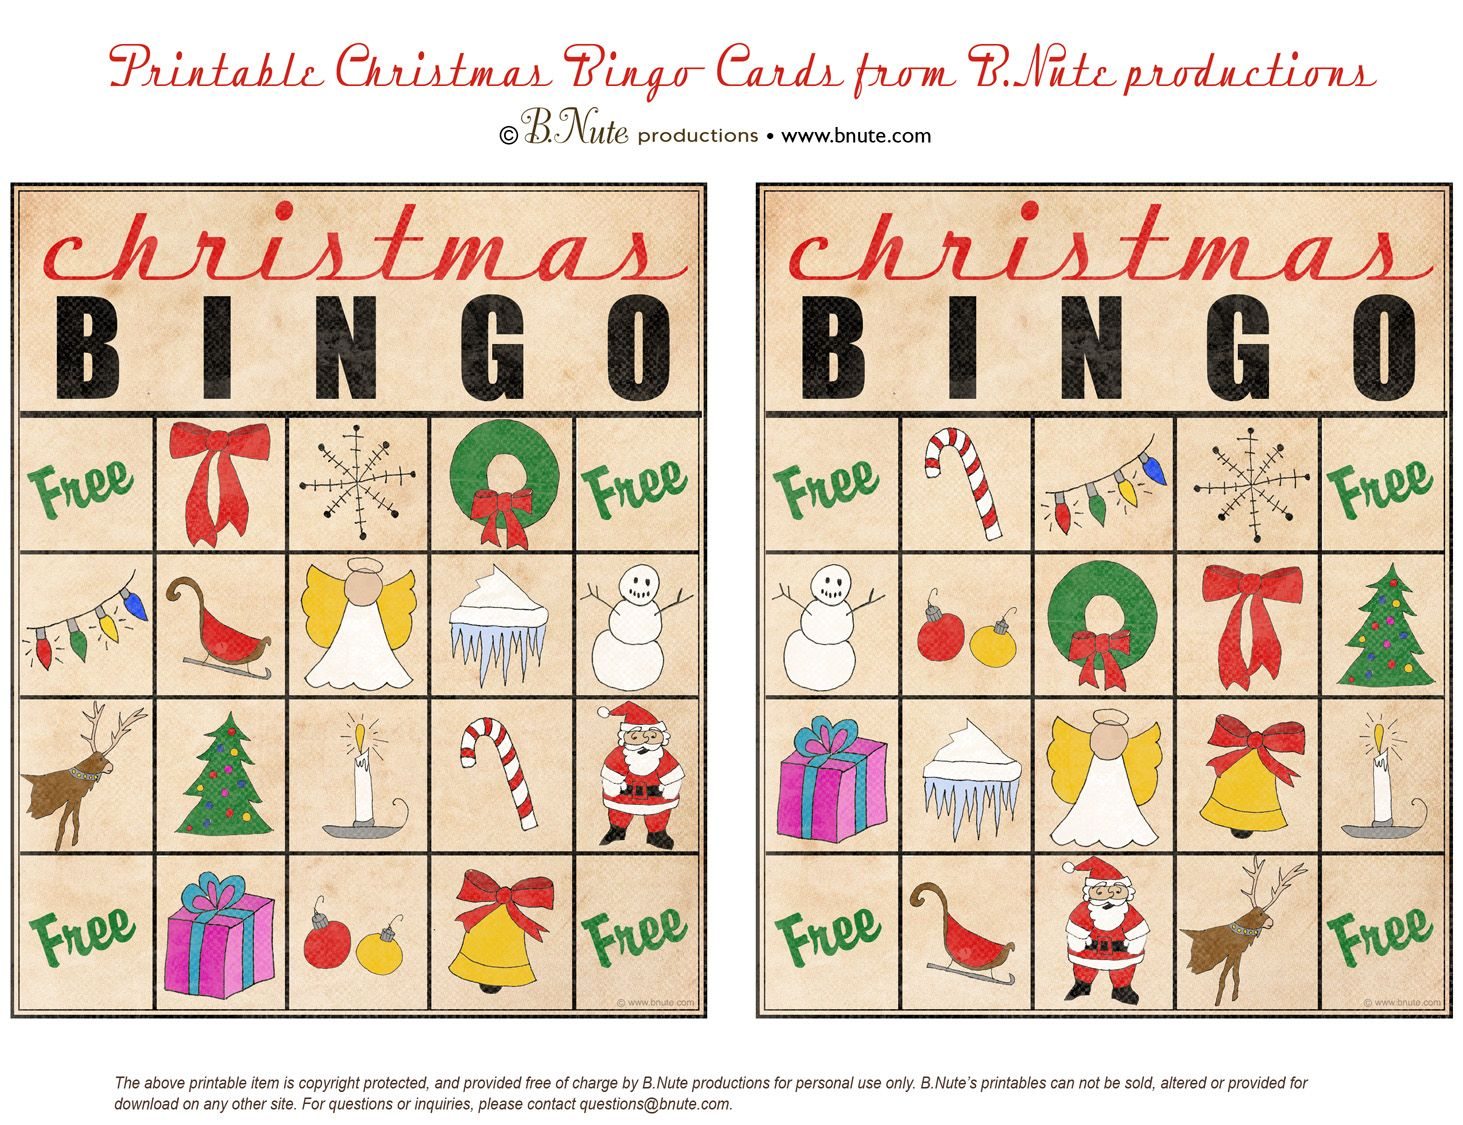 Bingo Xmas